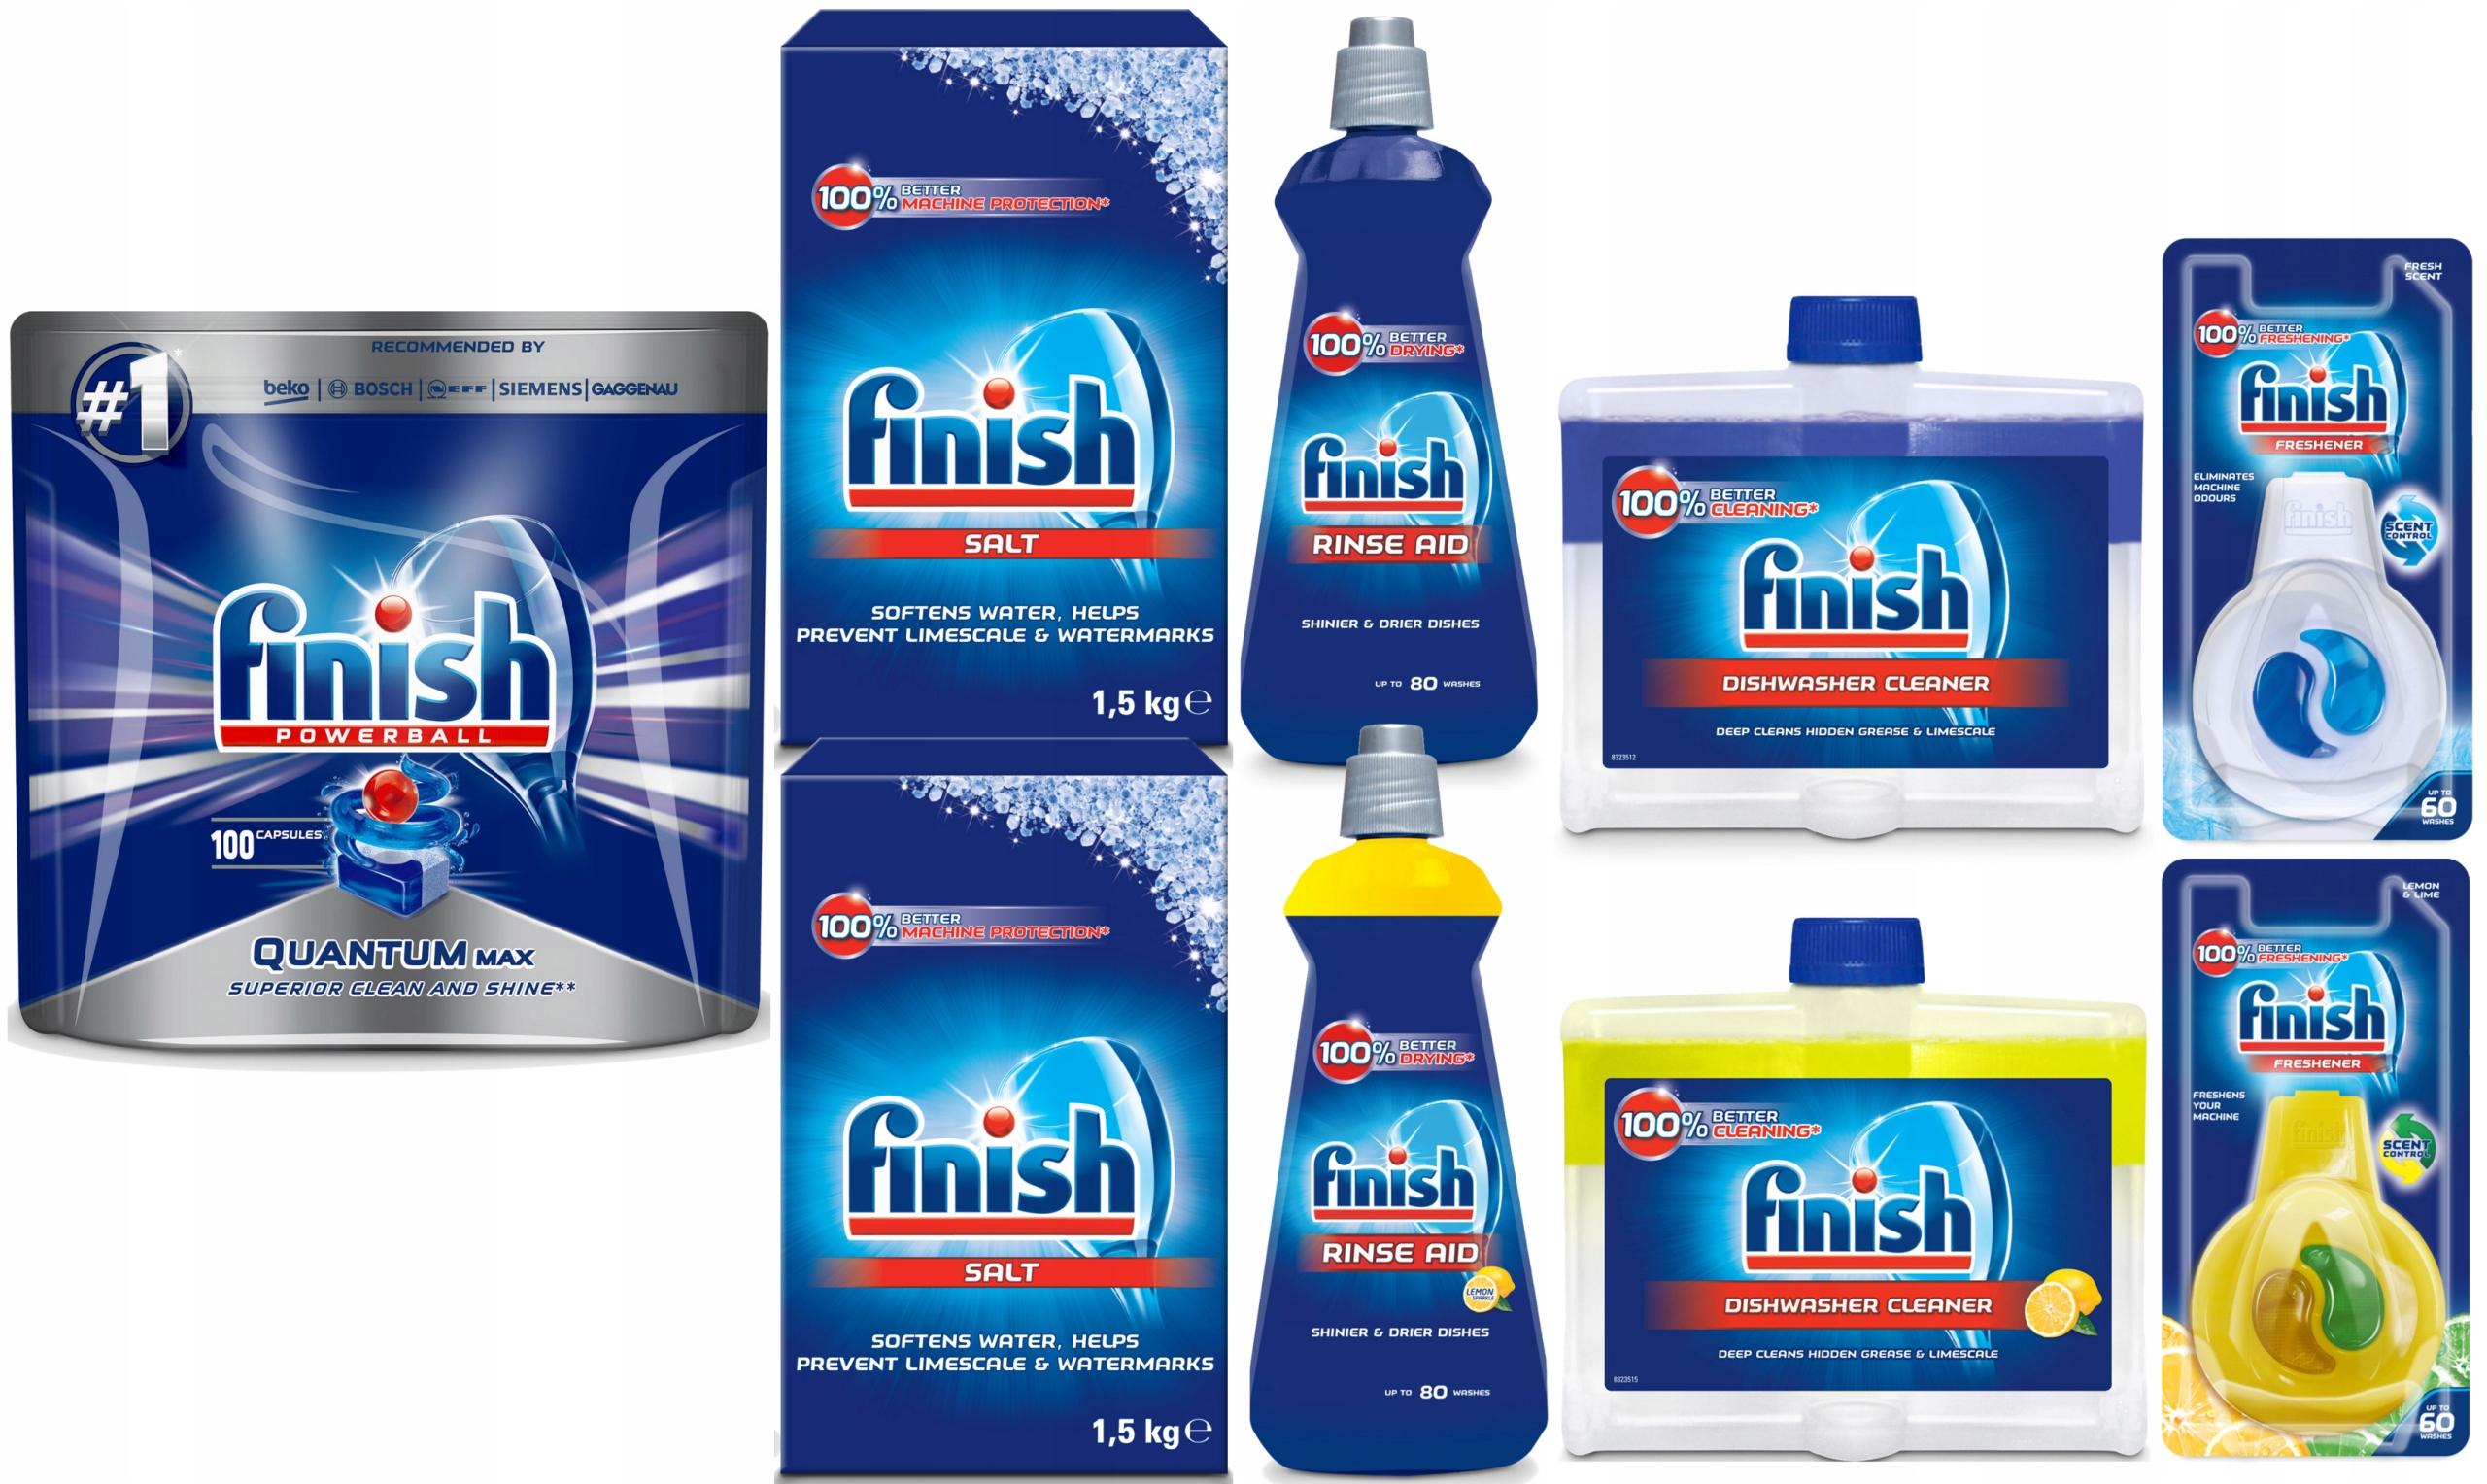 Zestaw do zmywarki Finish, tabletki, sól, płyn nabłyszczający, zapach, płyn do czyszczenia